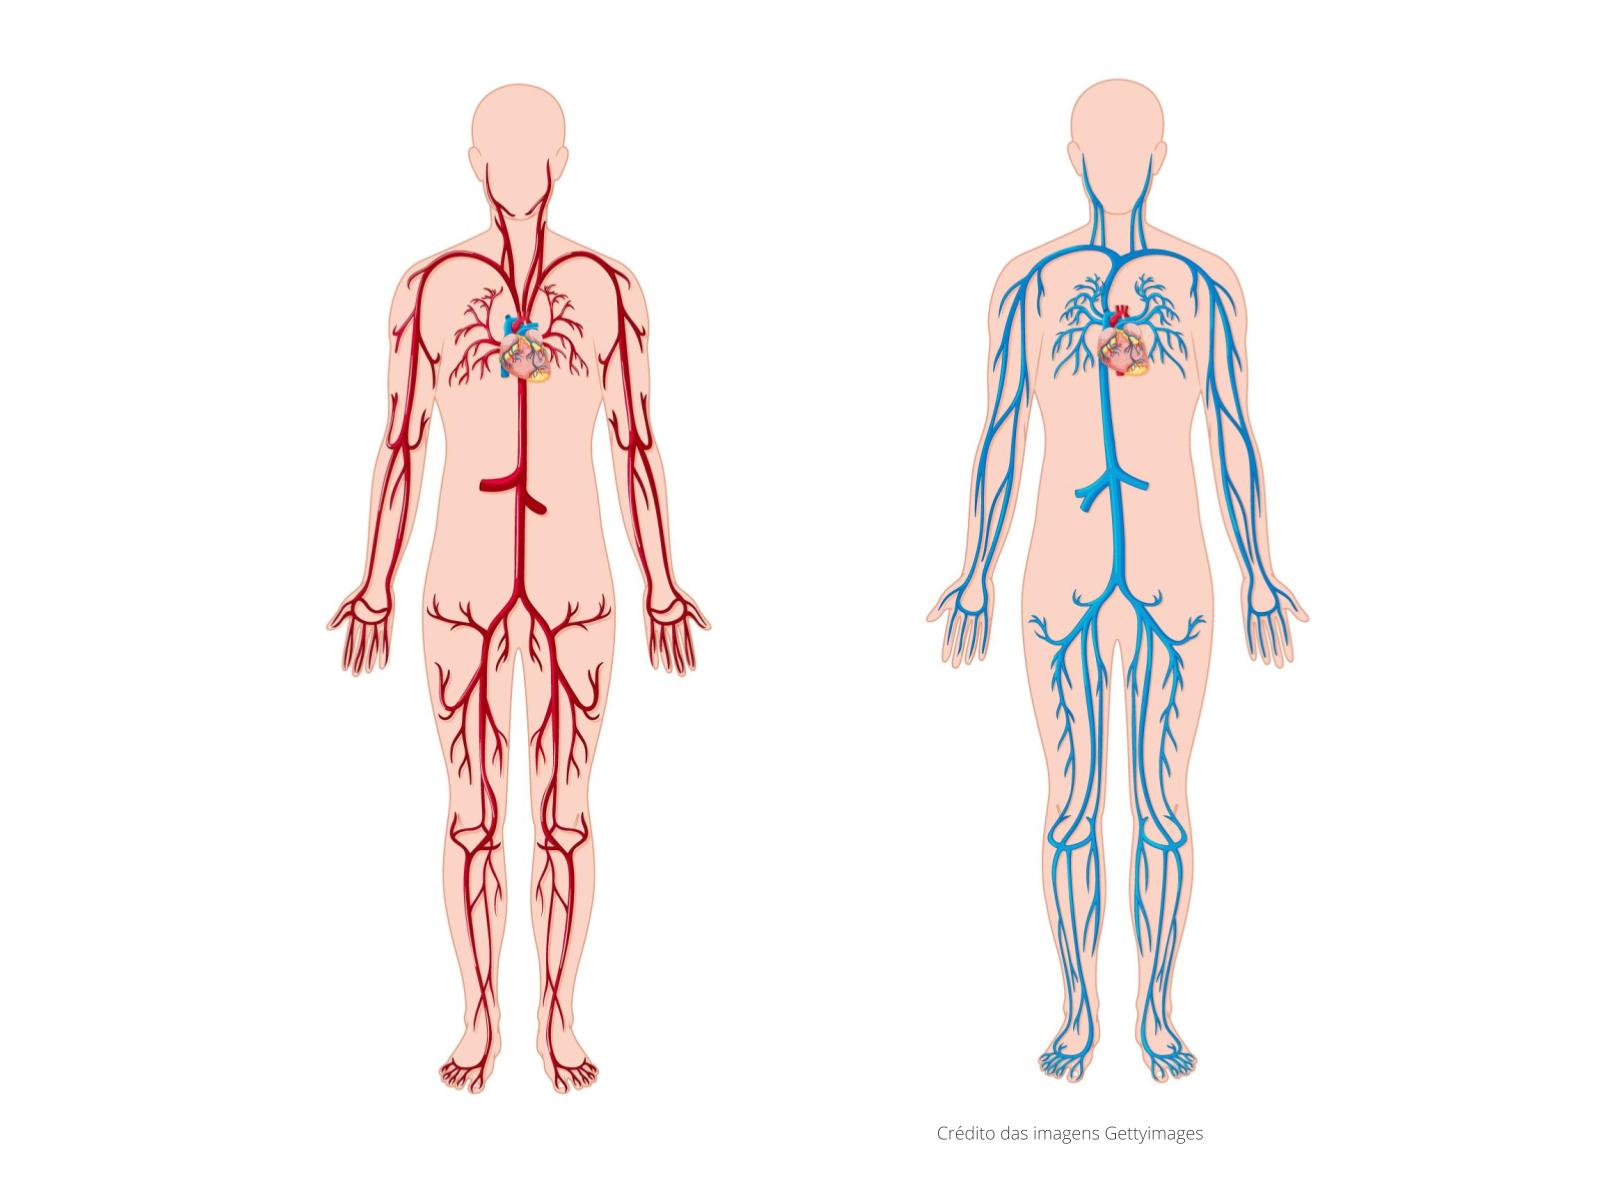 Os vasos sanguíneos: rede de tubos interligados que conduzem nutrientes